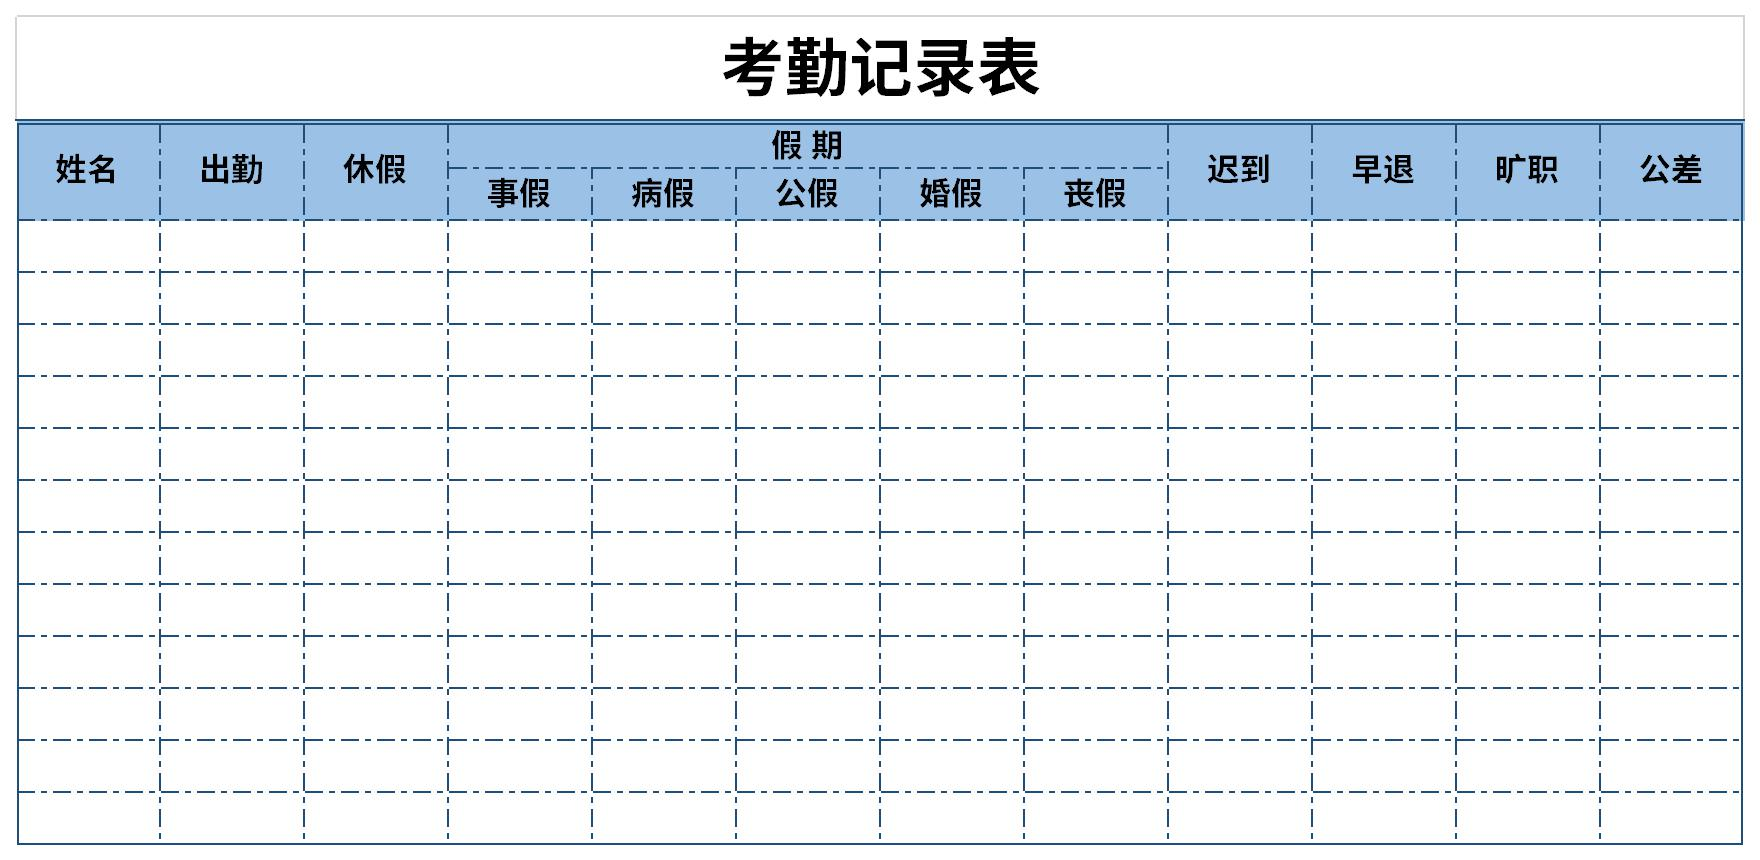 考勤记录表截图